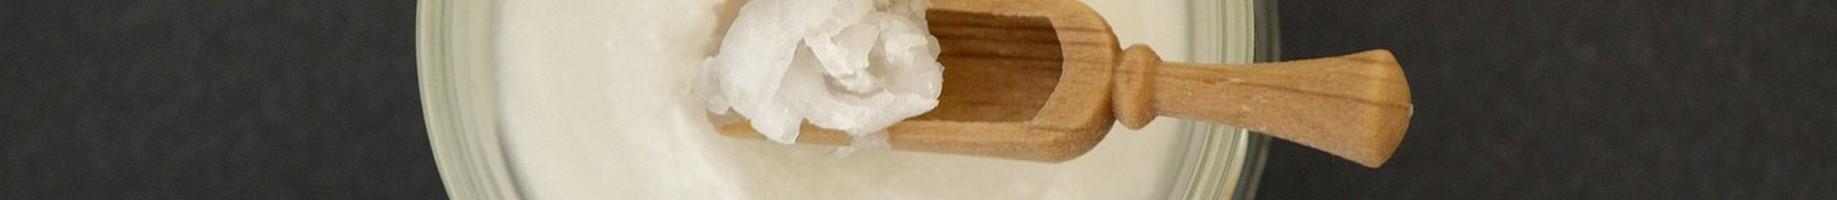 coconut-oil-in-jar-2090043_1280